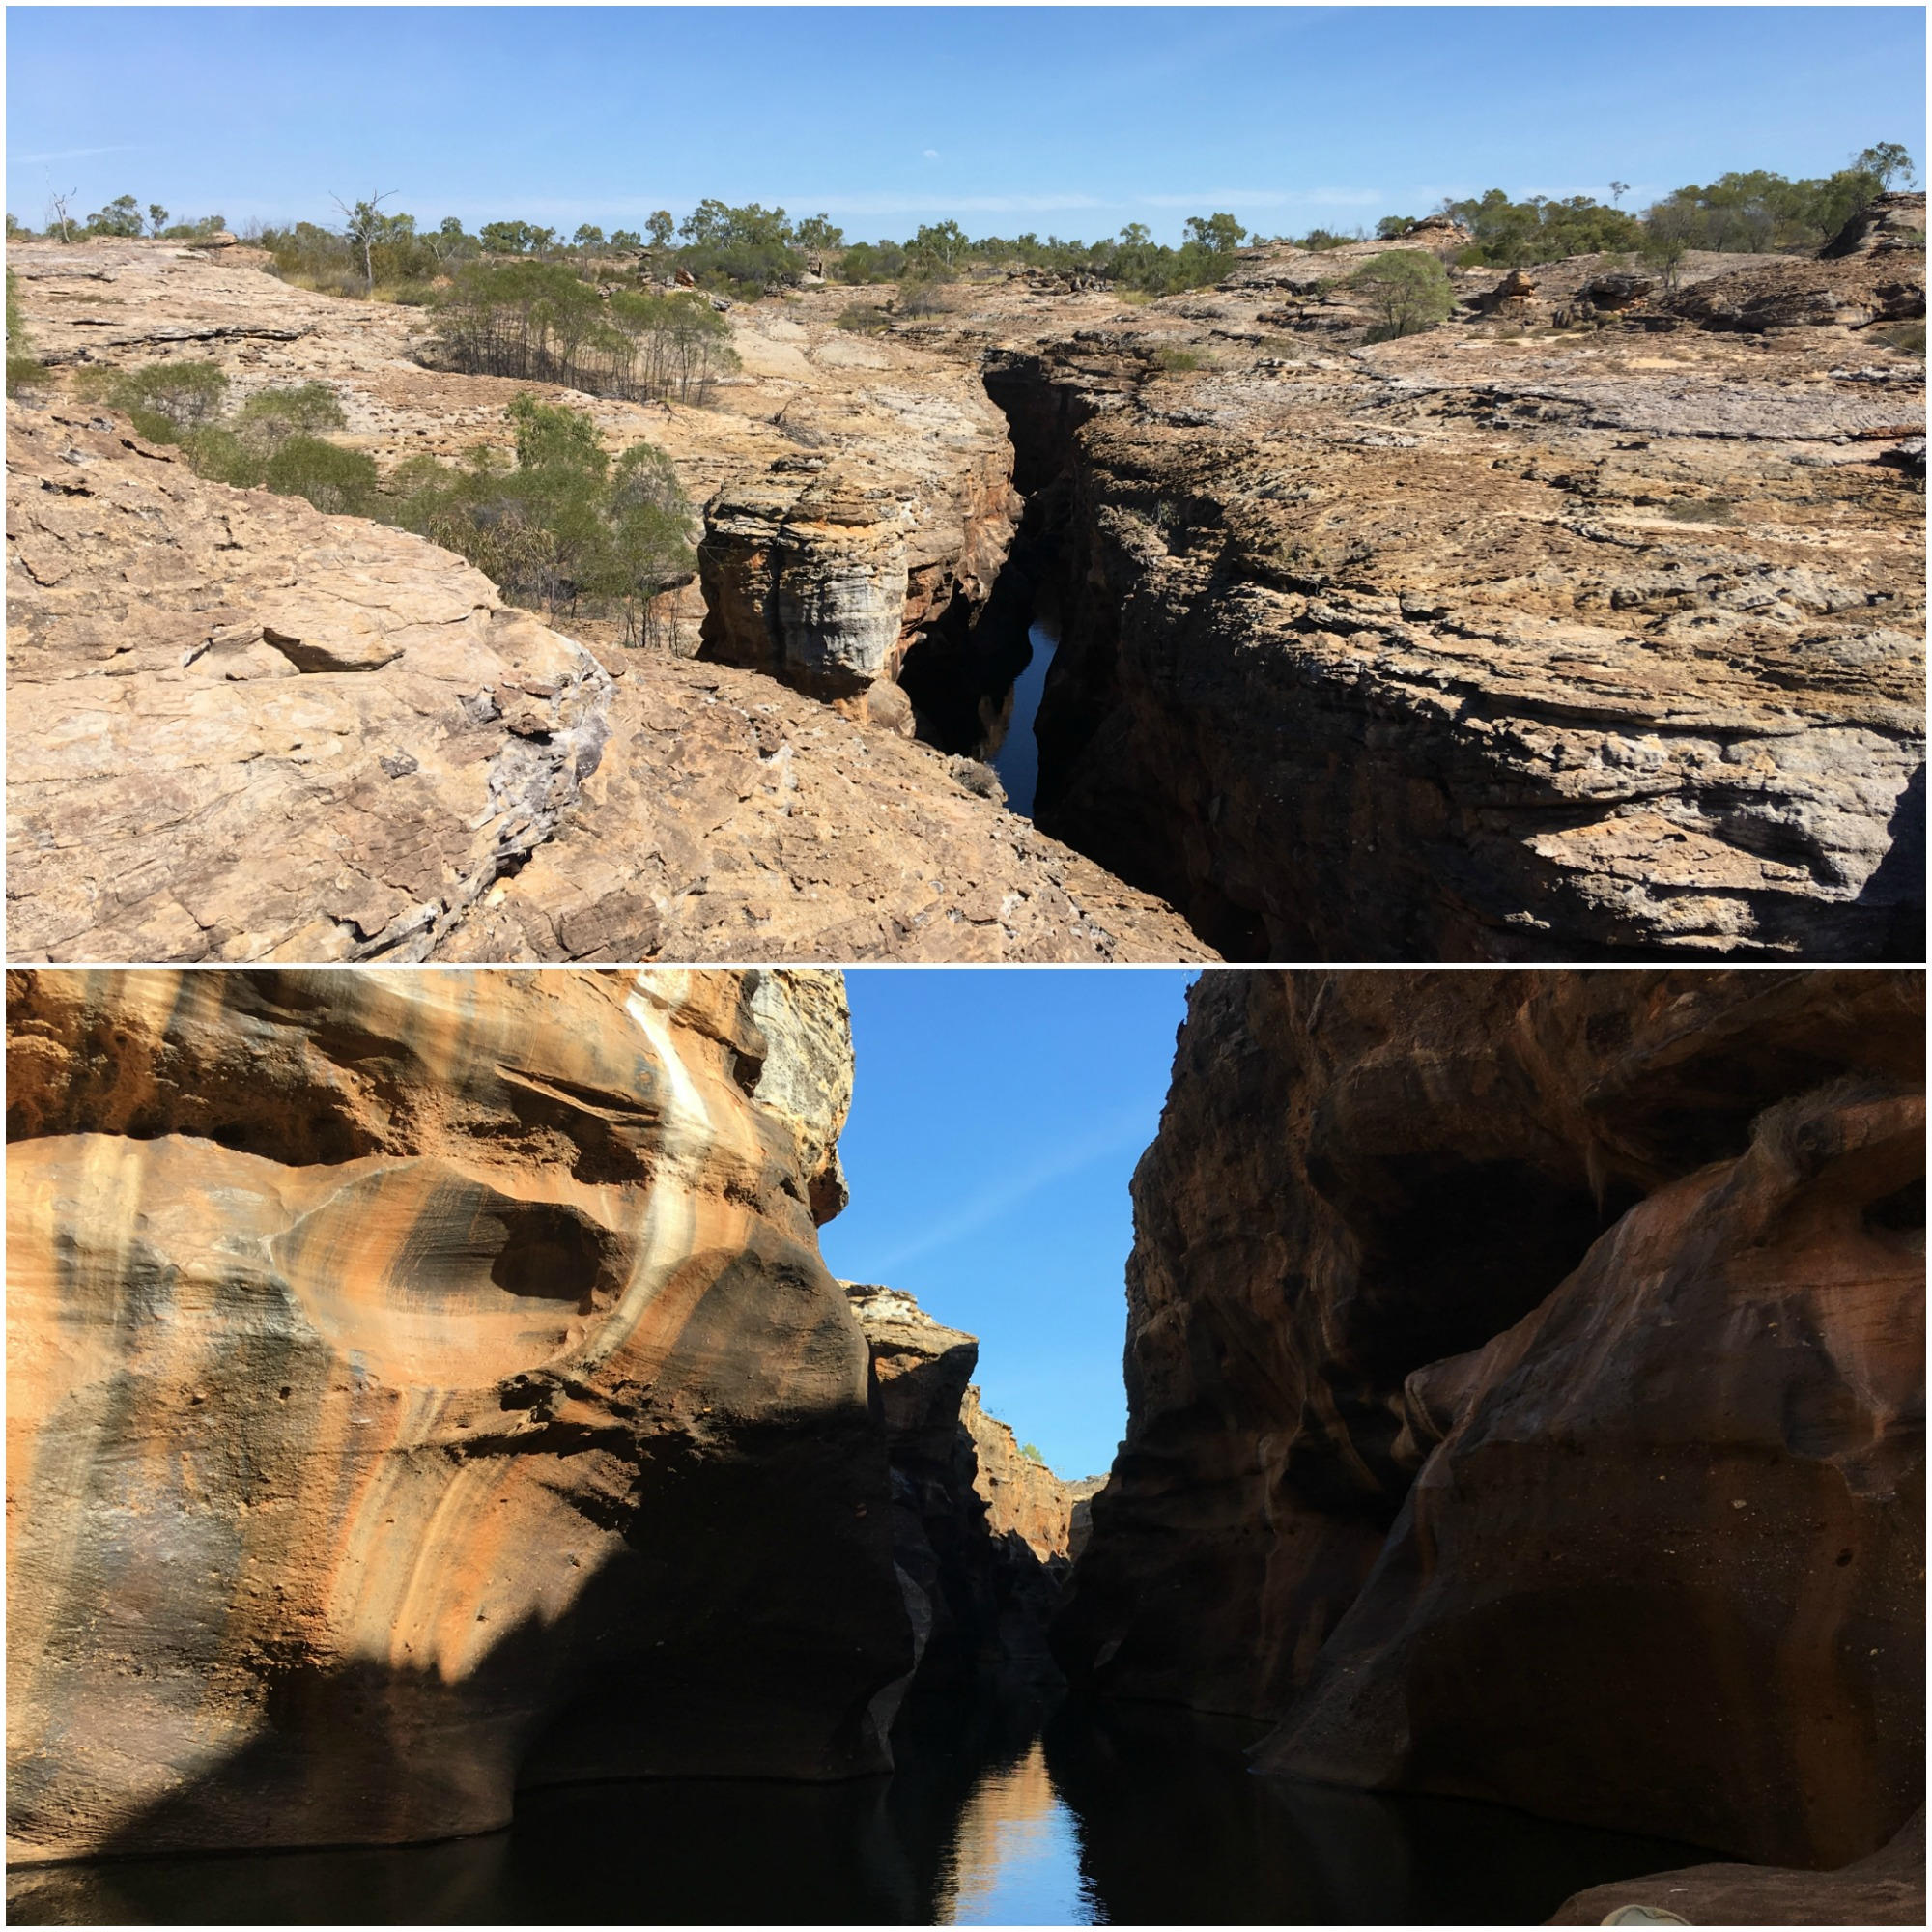 Ben & Michelle - Road Trip Around Australia - Undara Lava Tubes Cobbold Gorge - We're seeing more of the stunning Australian landscape, we got to explore the Undara Lava Tubes and took a tour through the Cobbold Gorge.